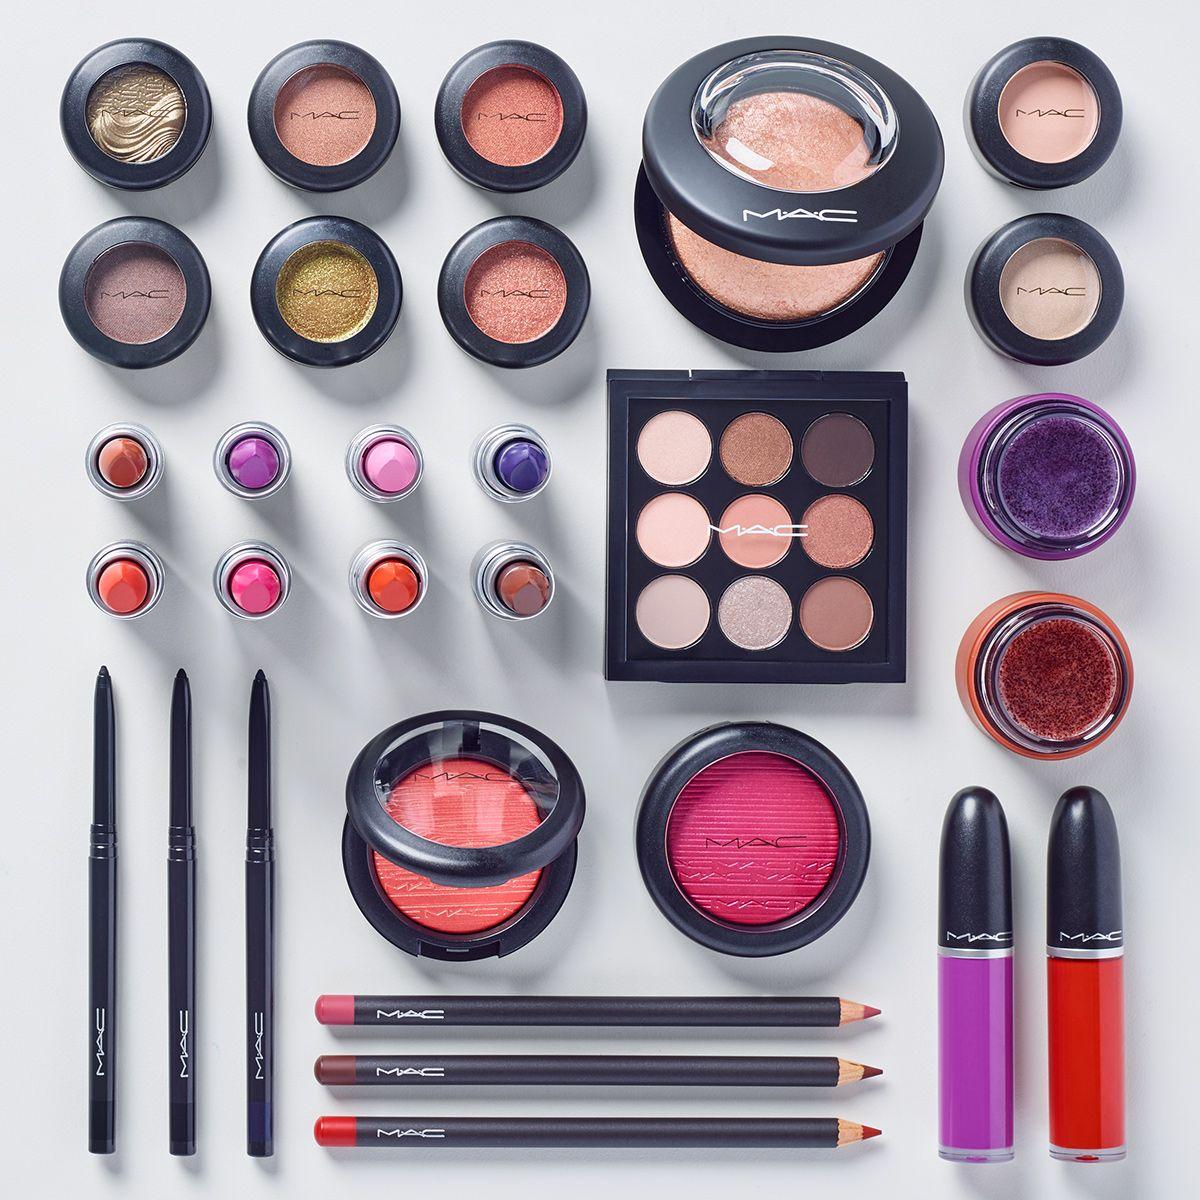 Mac косметика декоративная купить в купить лечебную косметику